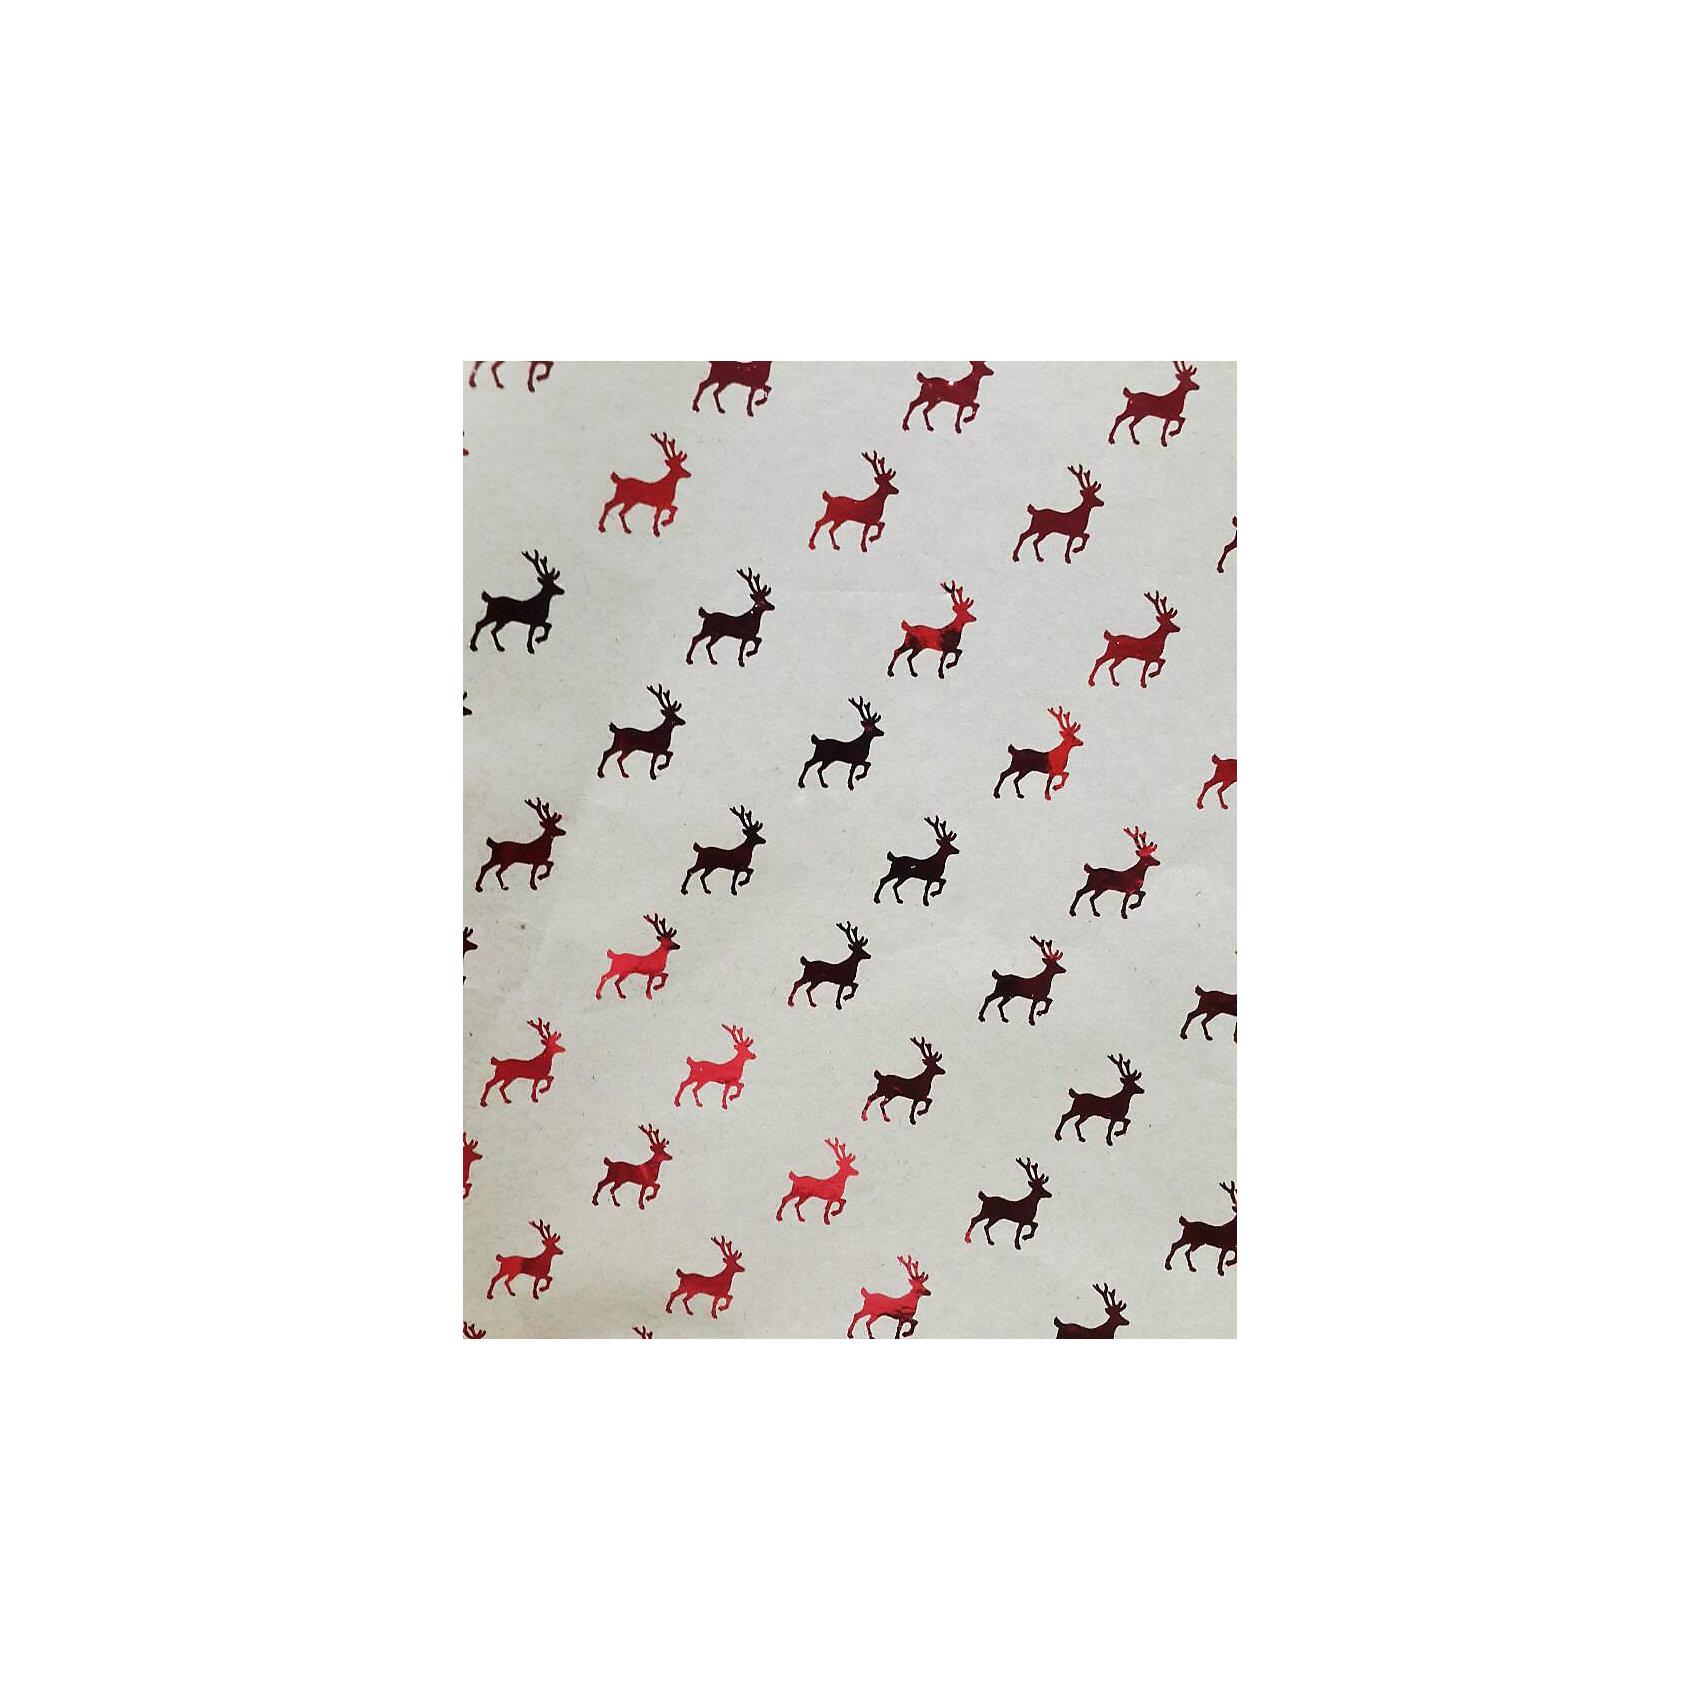 Крафт бумага Красные олени для сувенирной продукции от myToys